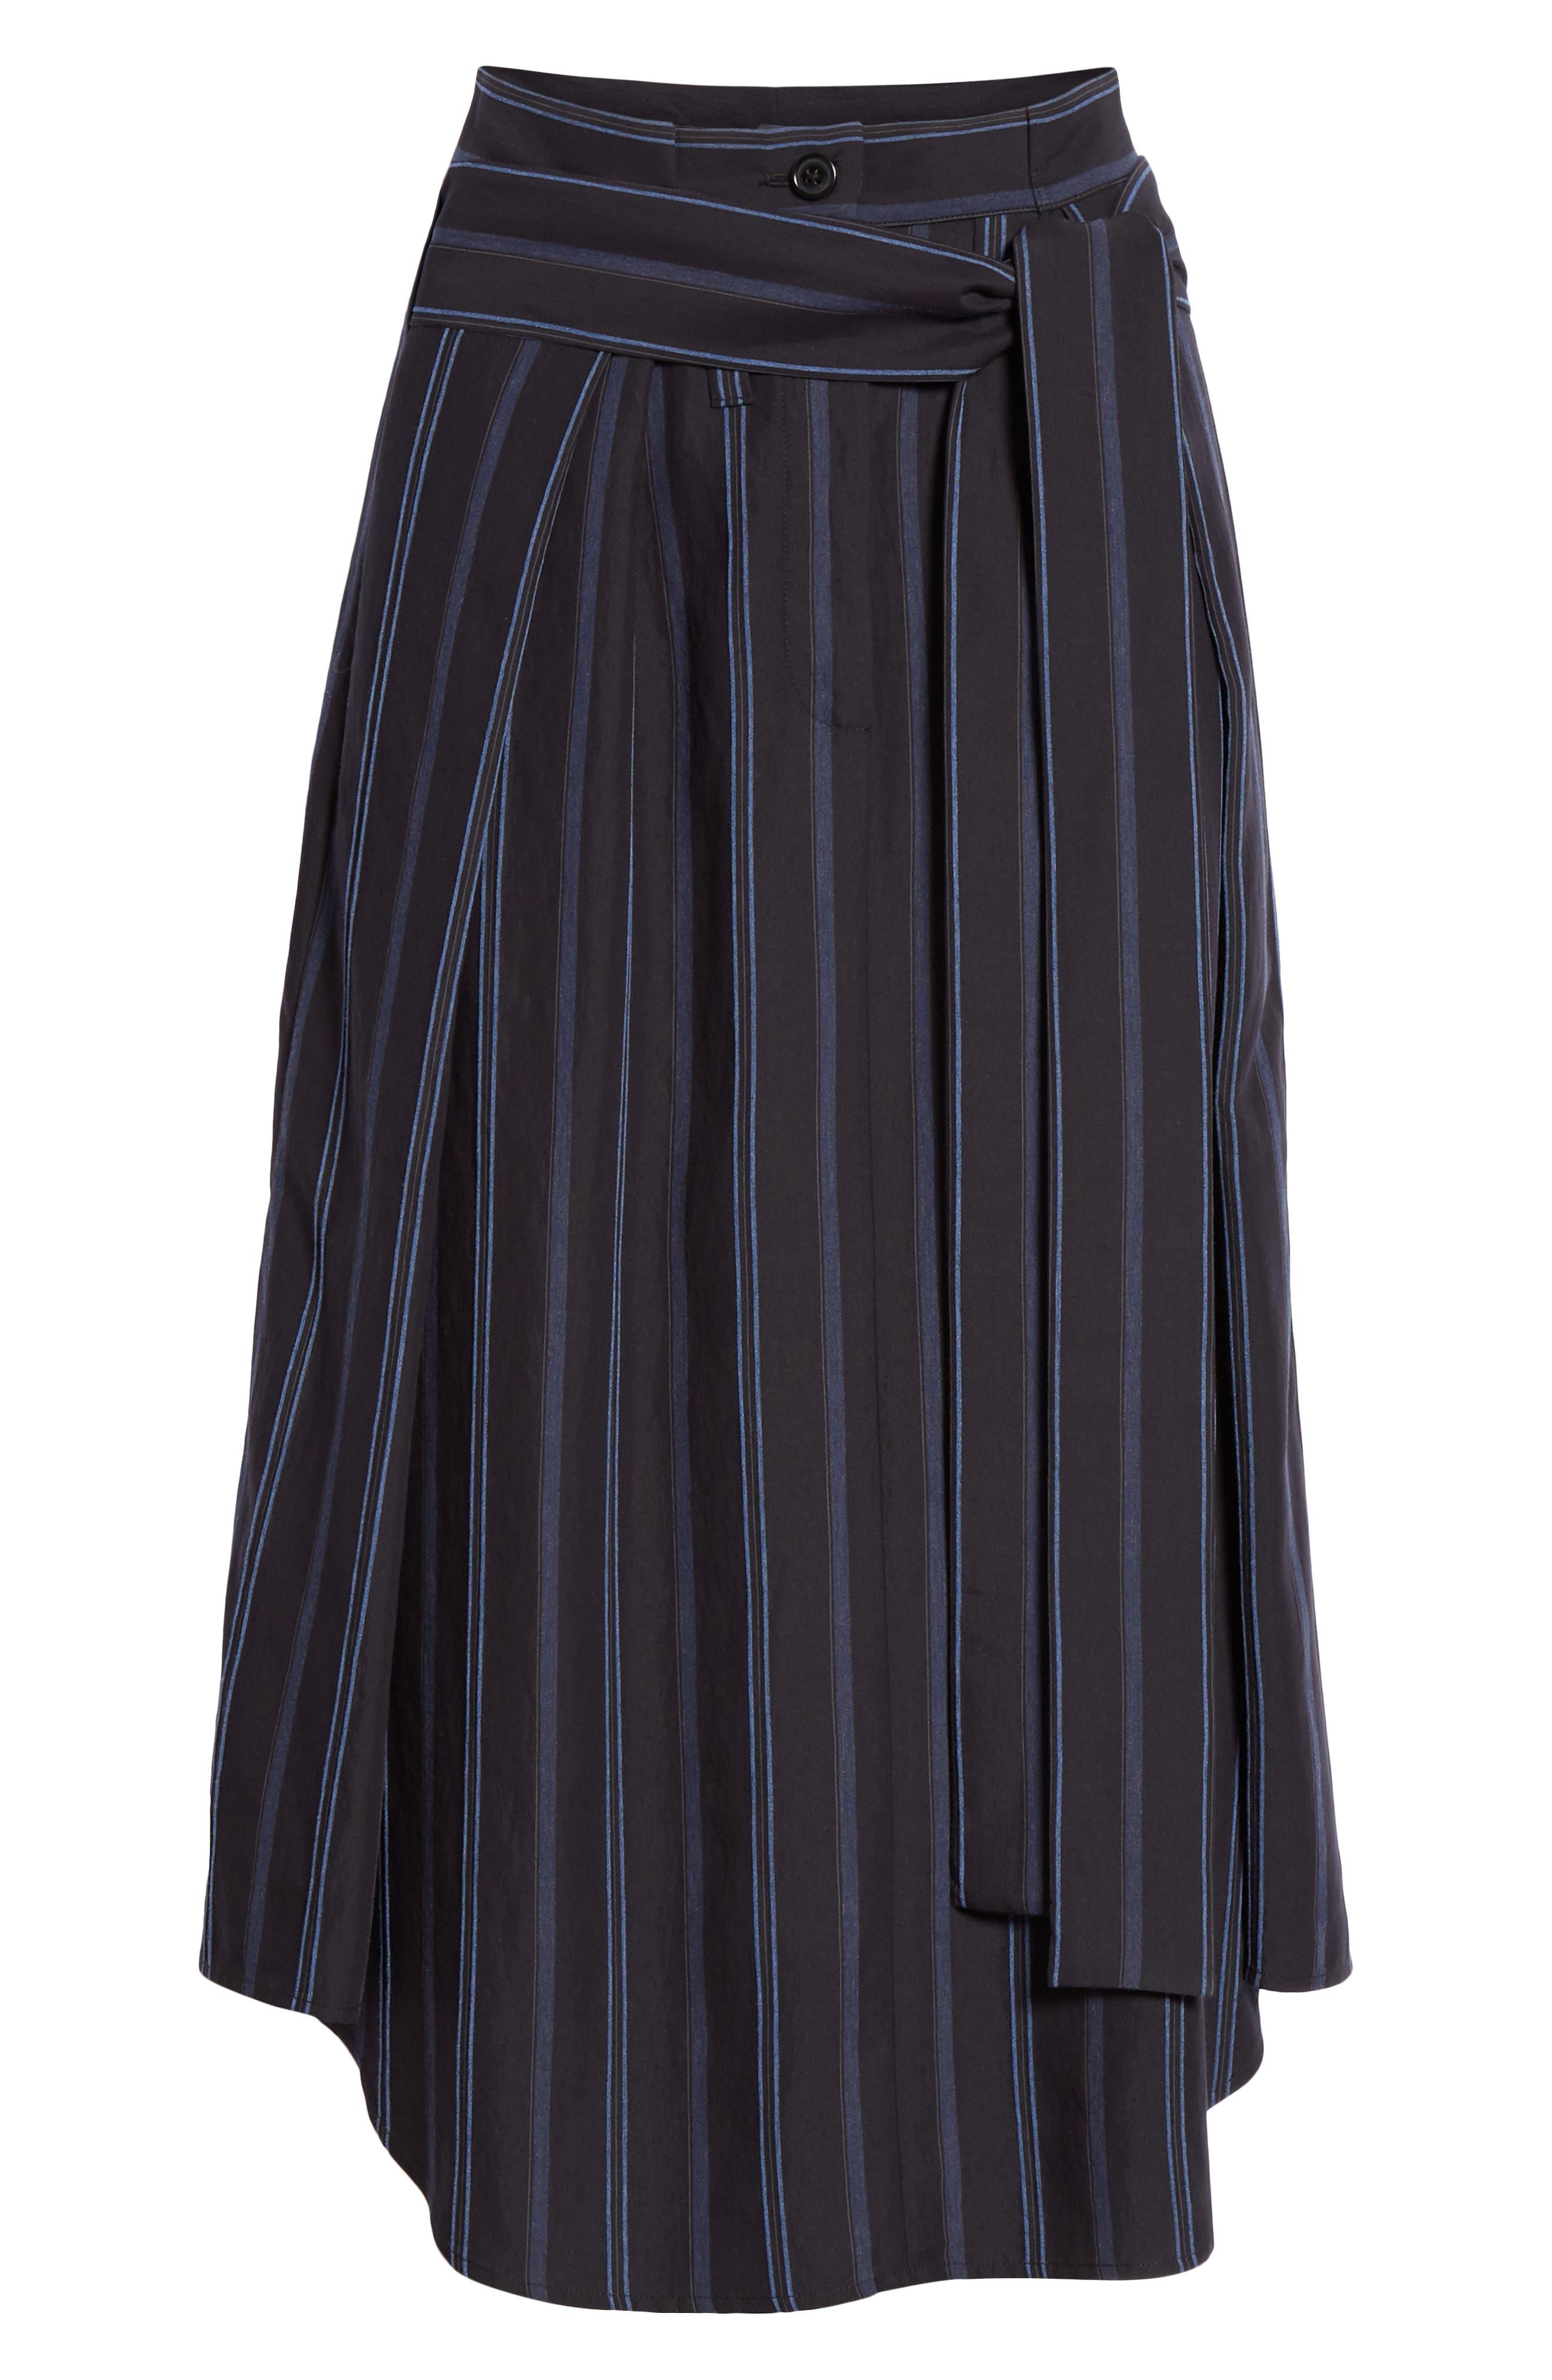 VINCE, Dobby Stripe Belted Skirt, Alternate thumbnail 6, color, INDIGO